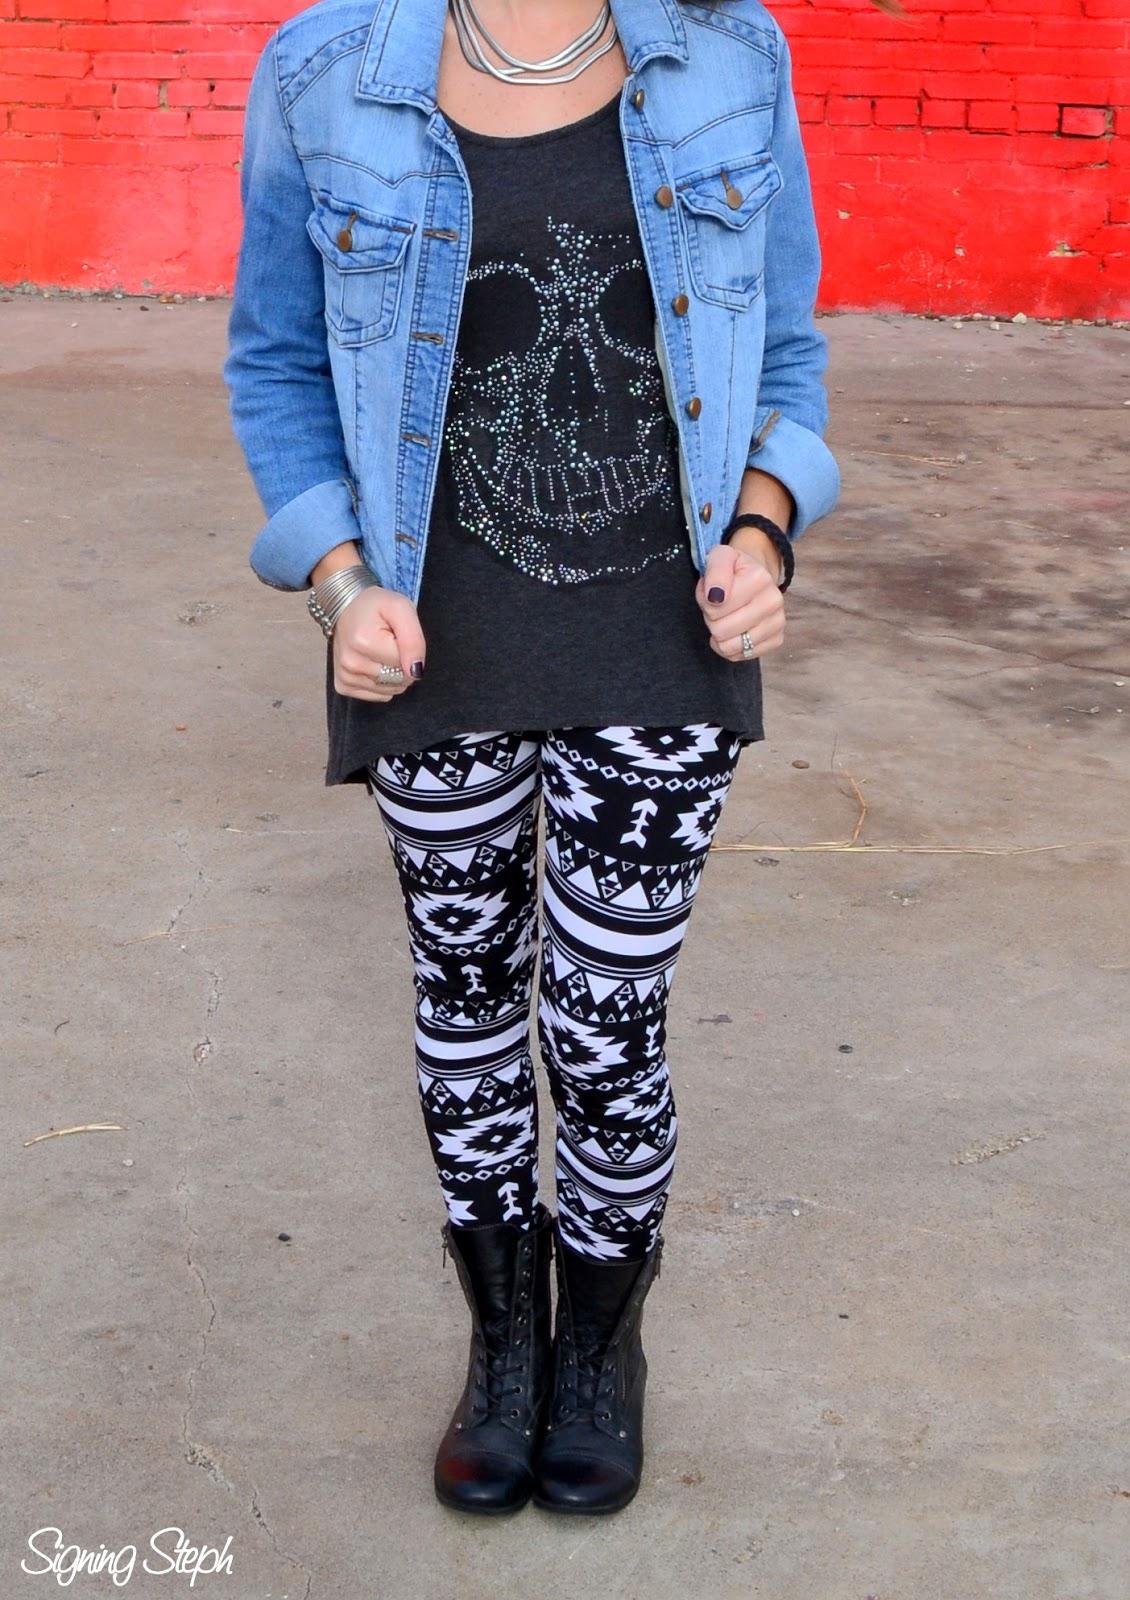 leggings and combat boots wwwpixsharkcom images